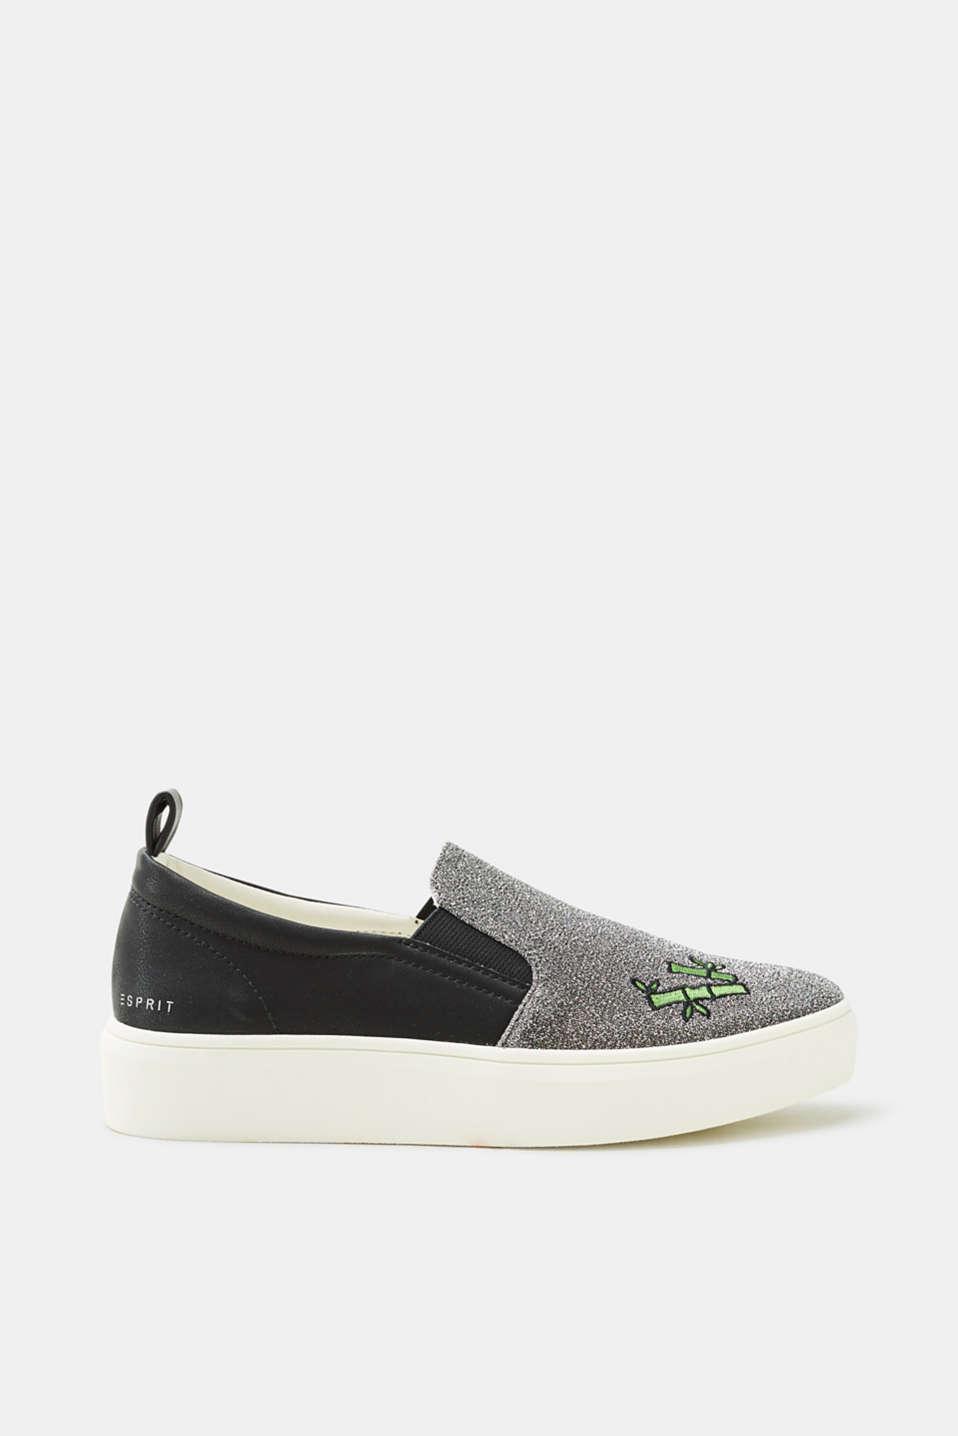 Esprit Slip On-Sneaker mit Glitter und Panda-Patch